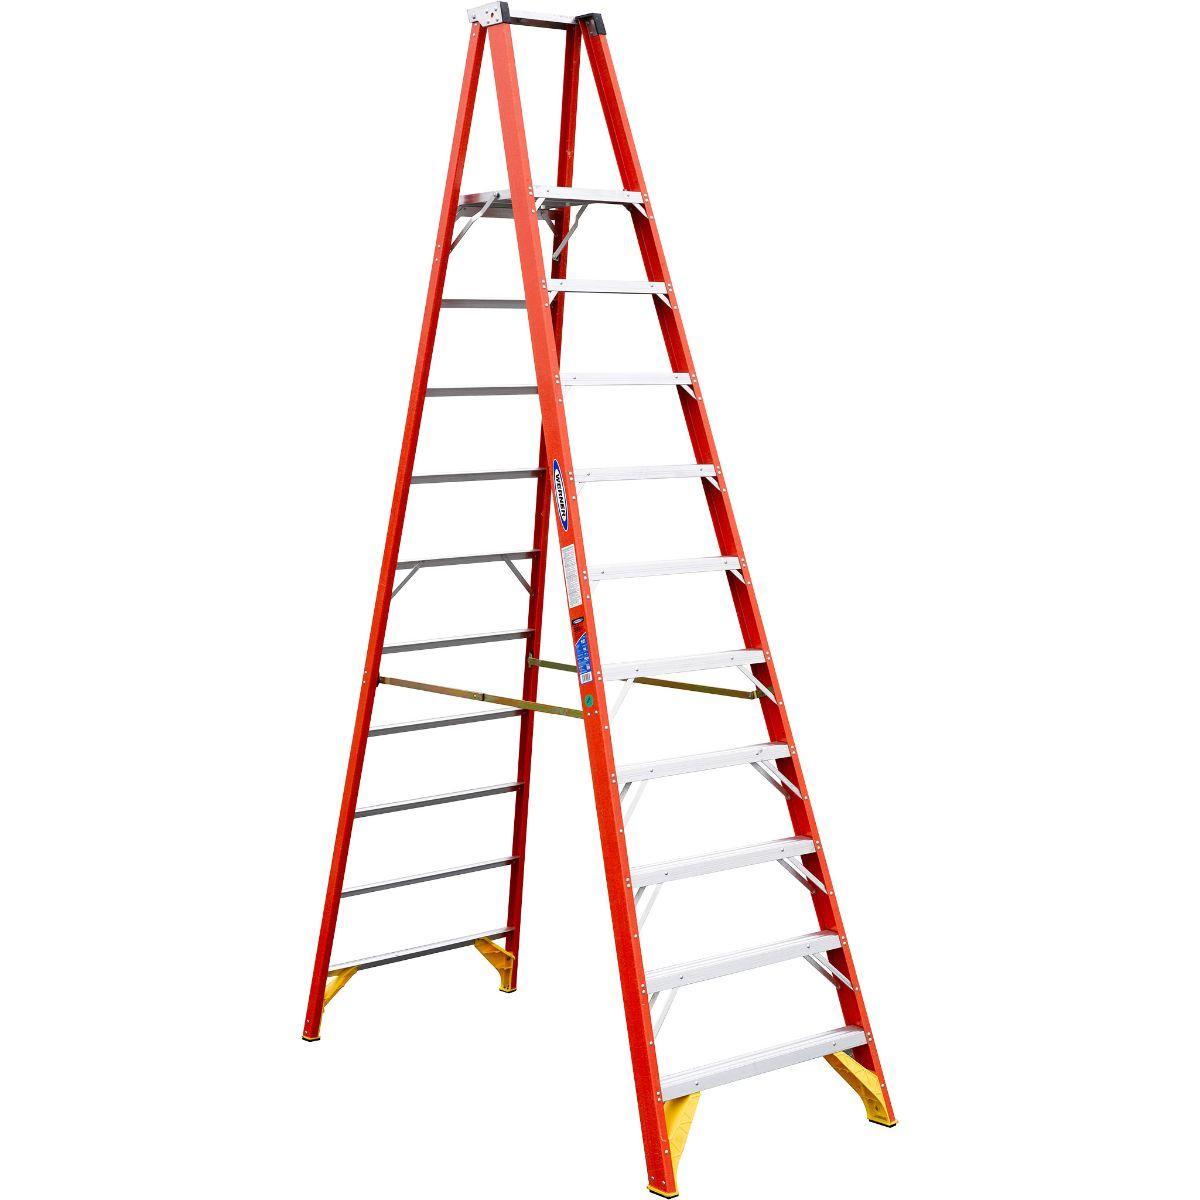 WERNER FG Platform Ladder 300LB P6210 10FT